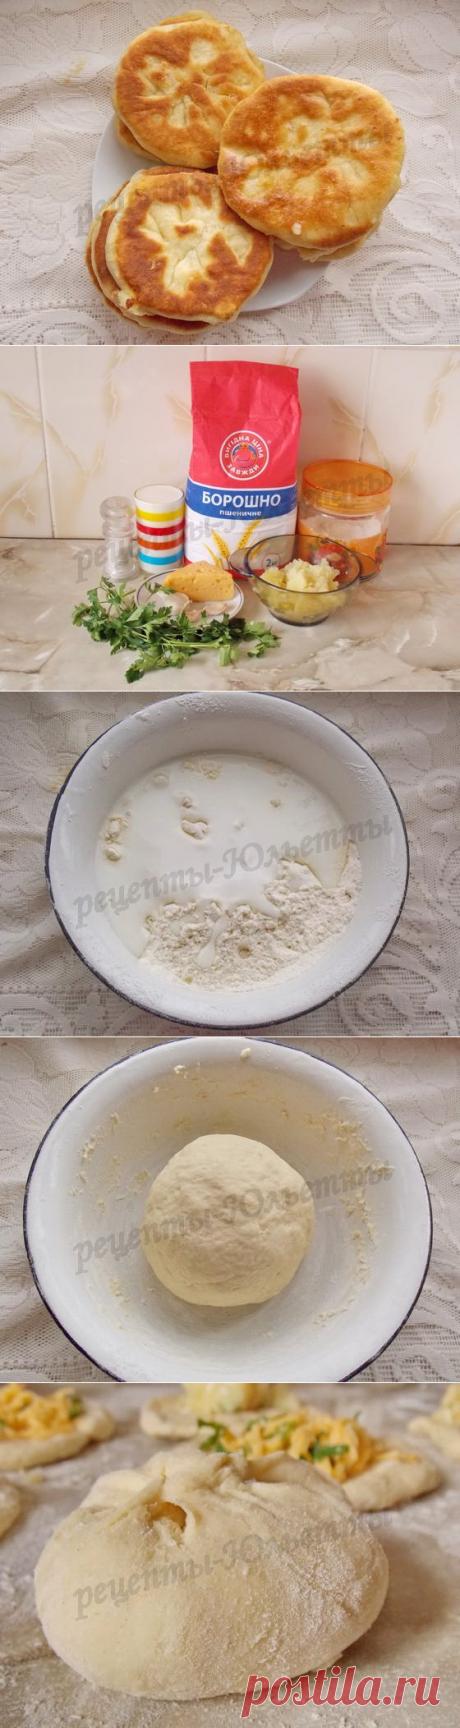 Лепёшки на кефире с картошкой и сыром =Для теста: 3 стакана муки; 1 стакан кефира; 1 чайная ложка соли; 1 чайная ложки пищевой соды. -Для начинки: =Вариант 1 Твёрдый сыр; Зелень; Чесночок. =Вариант 2 Картофельное пюре; Немного сыра; зелень петрушки.